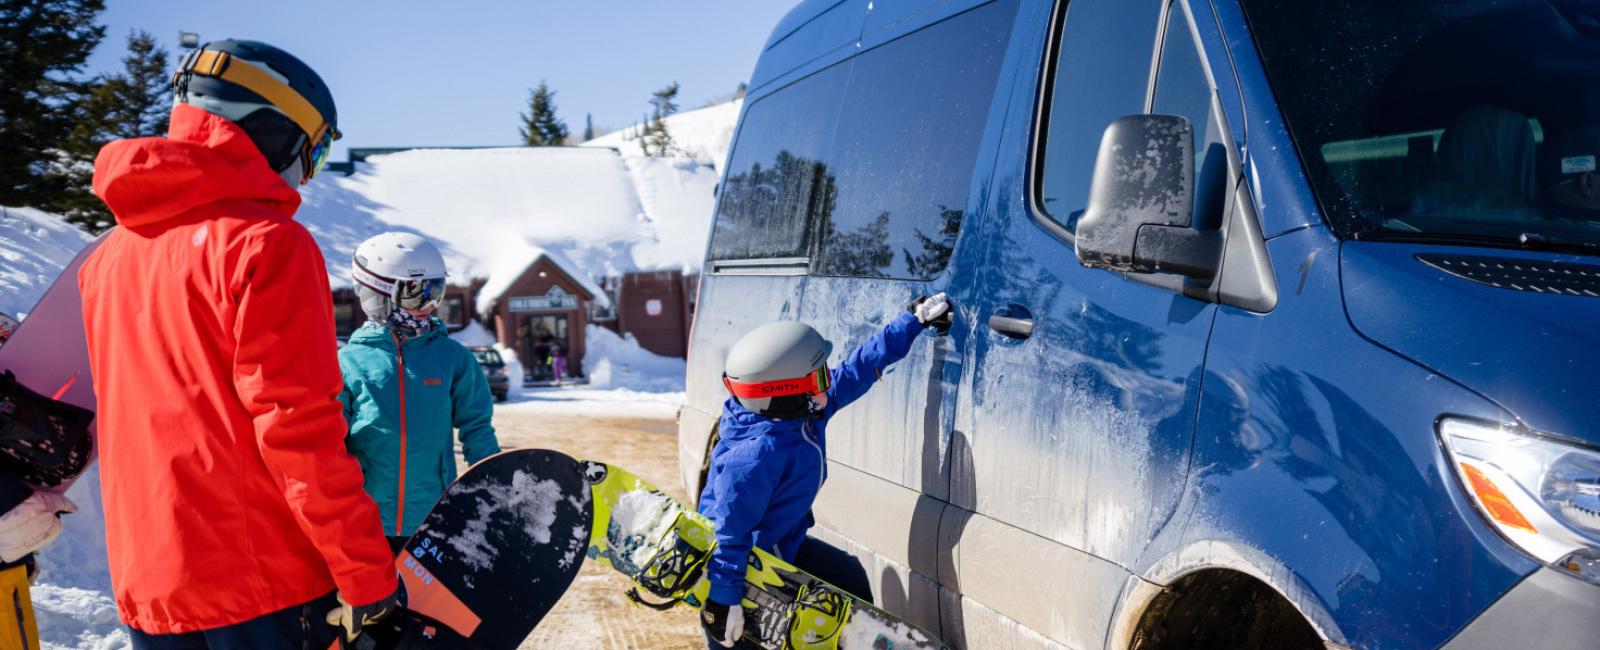 RV'ing and Skiing Through Utah's 15 Resorts